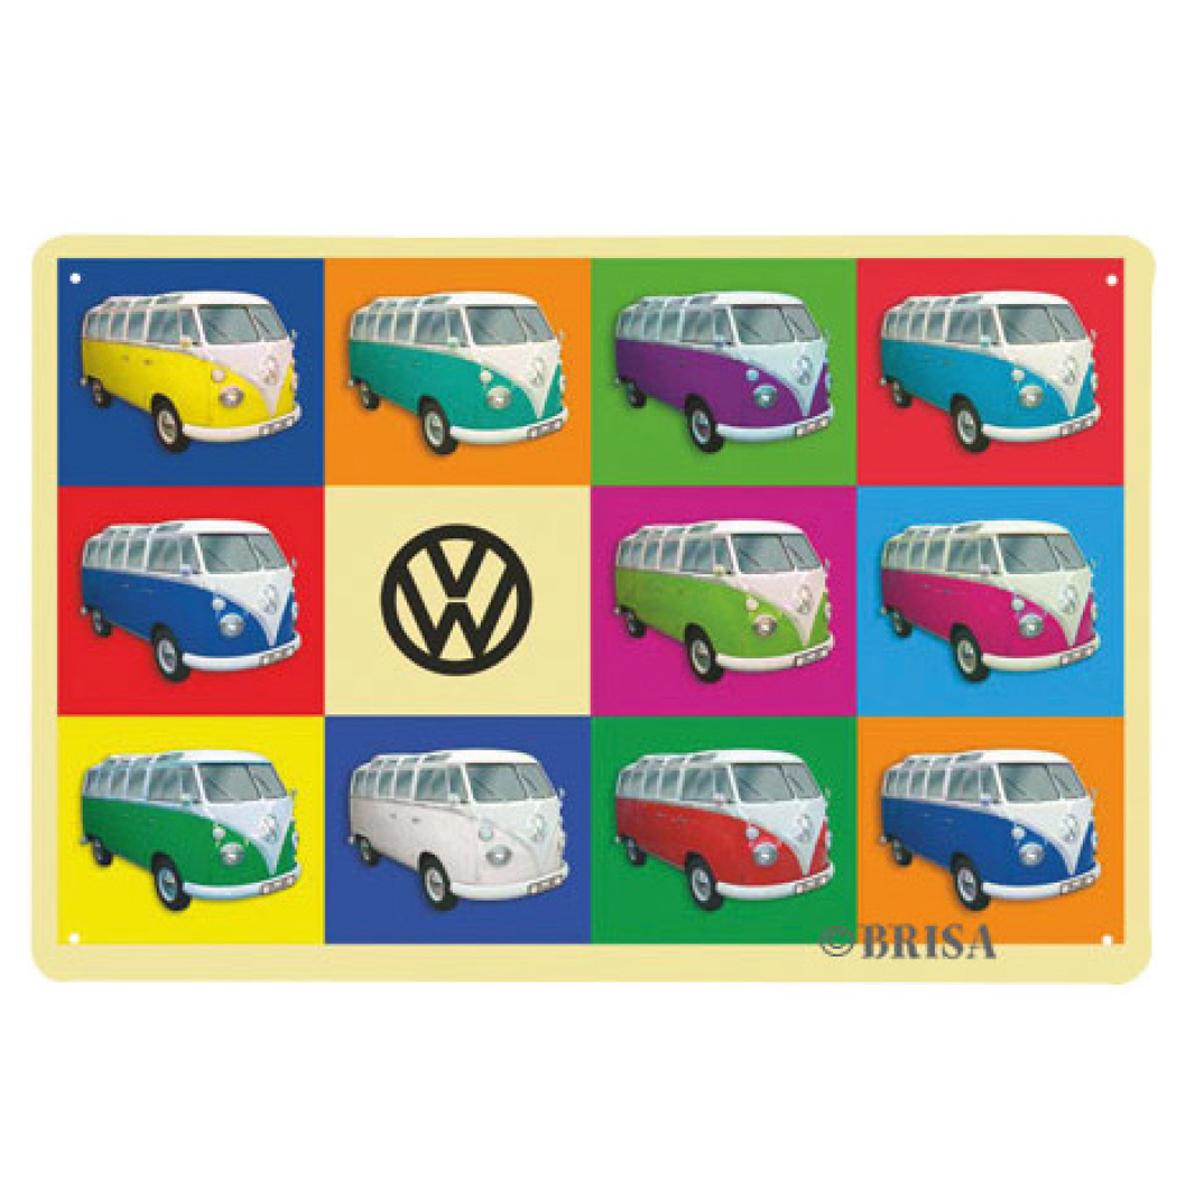 Plaque métal vintage \'Volkswagen\' multicolore - 30x20 cm - [Q1833]